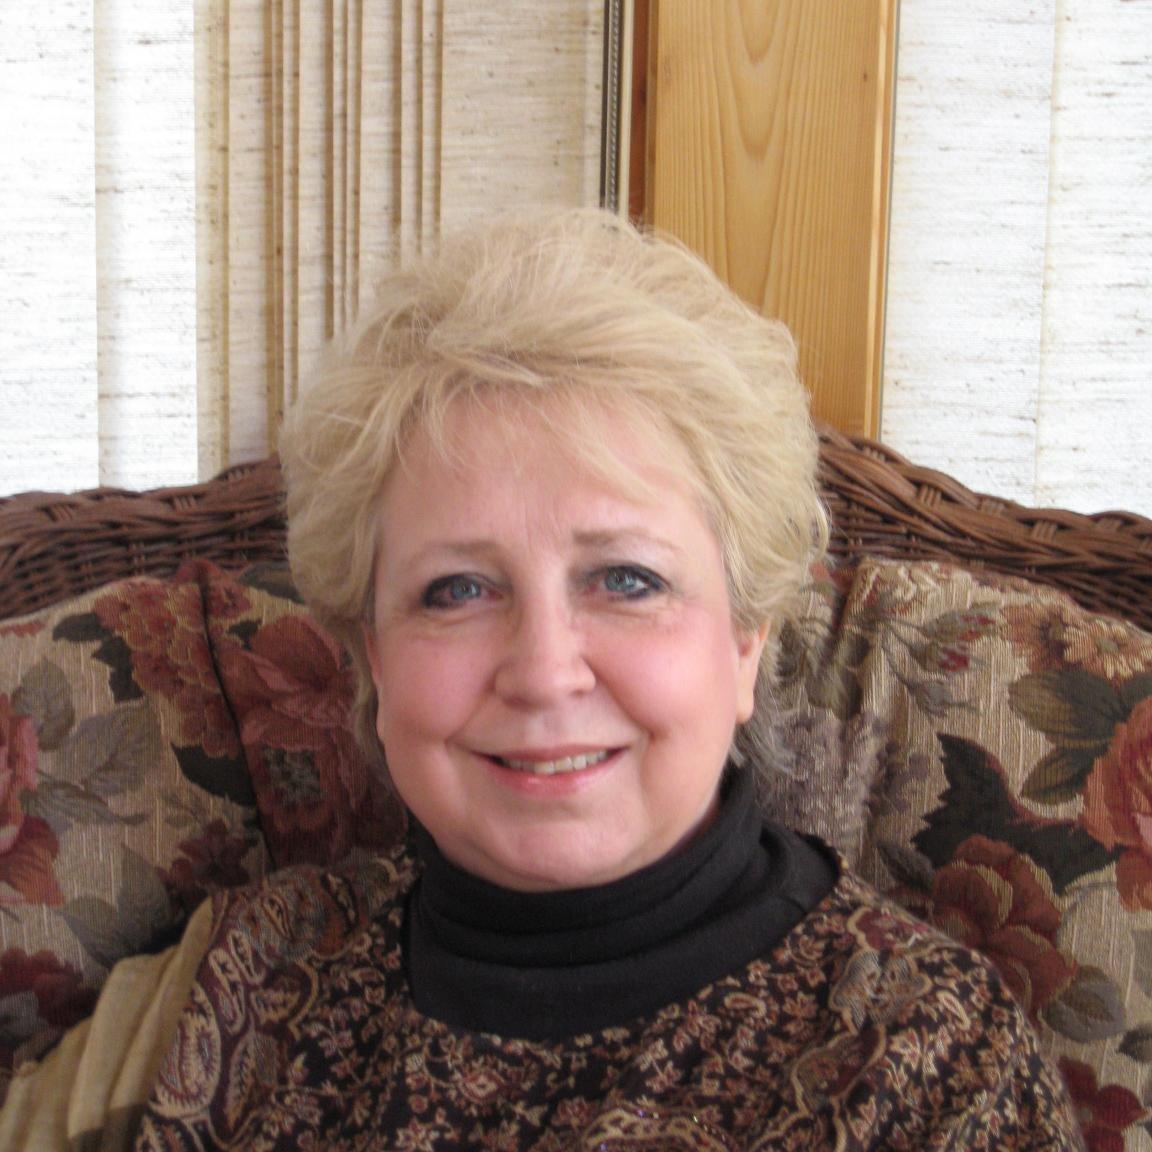 P.L. Klein, Author